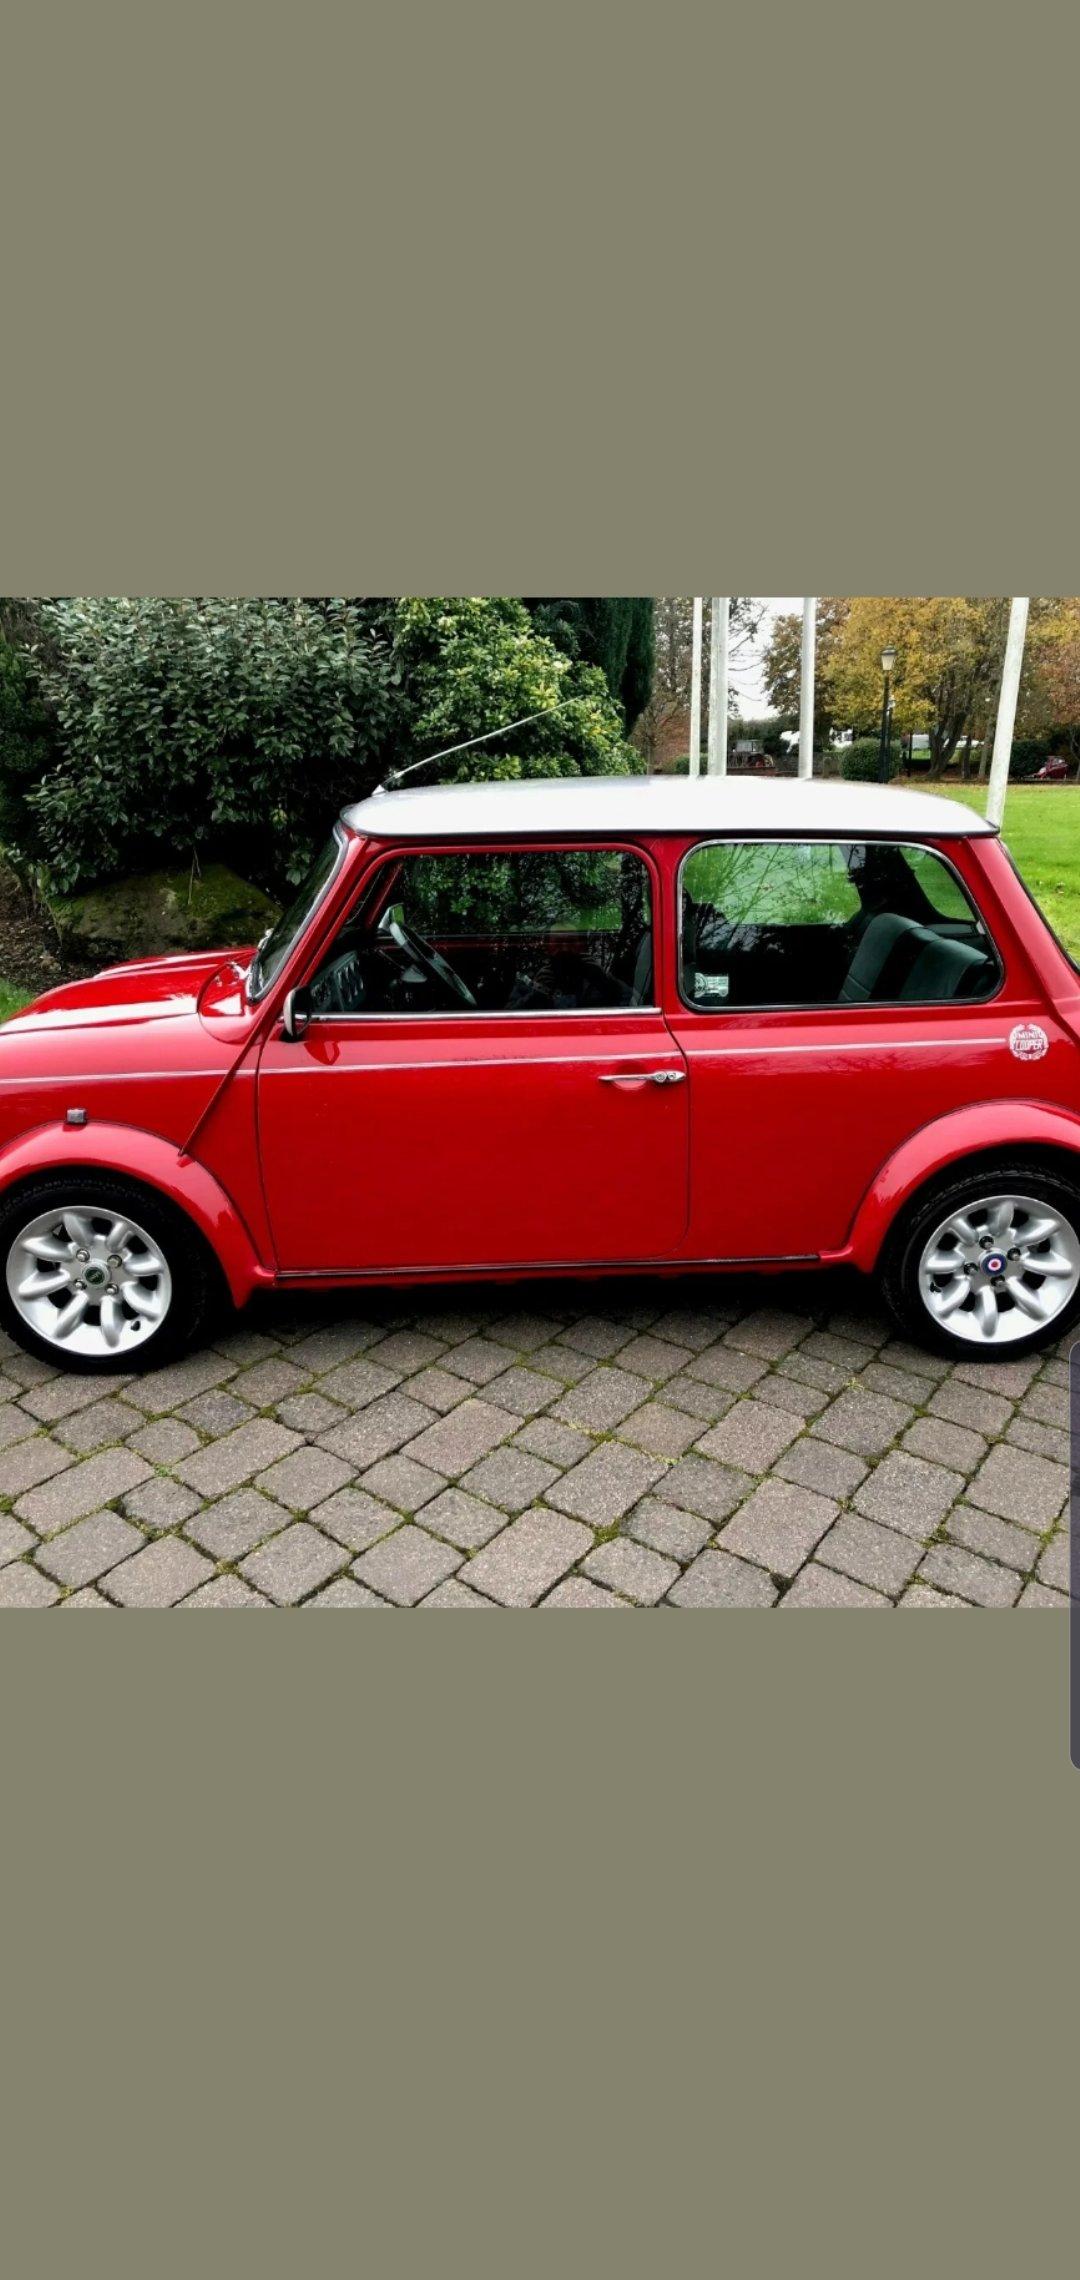 2000 Rover mini Cooper Sport For Sale (picture 4 of 6)